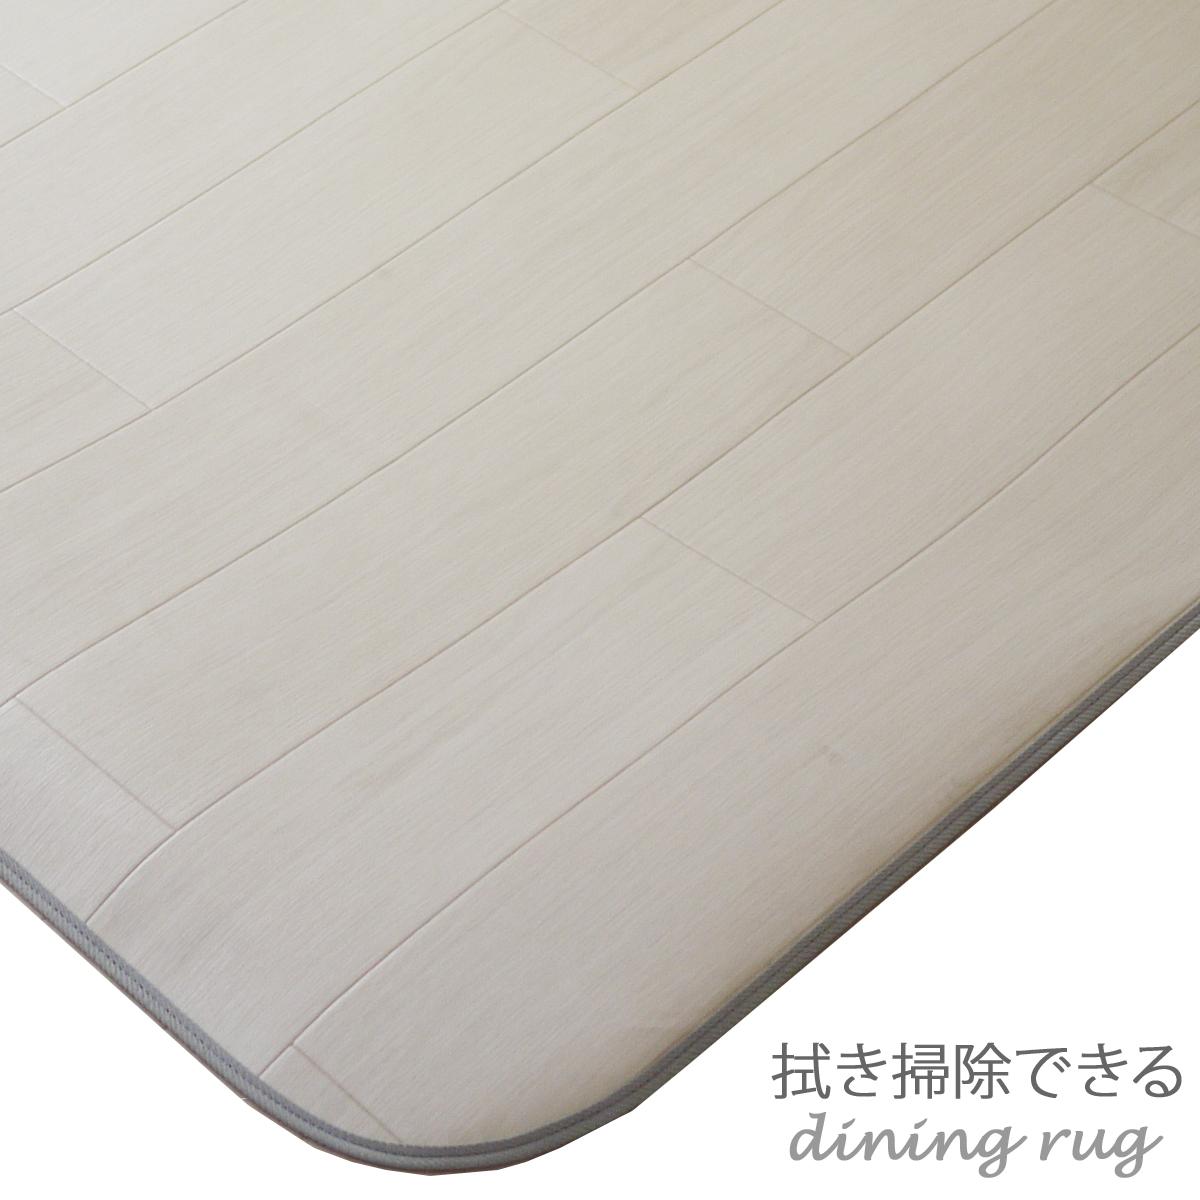 20サイズオーダーダイニングラグ 木目調ホワイト 182x320cm